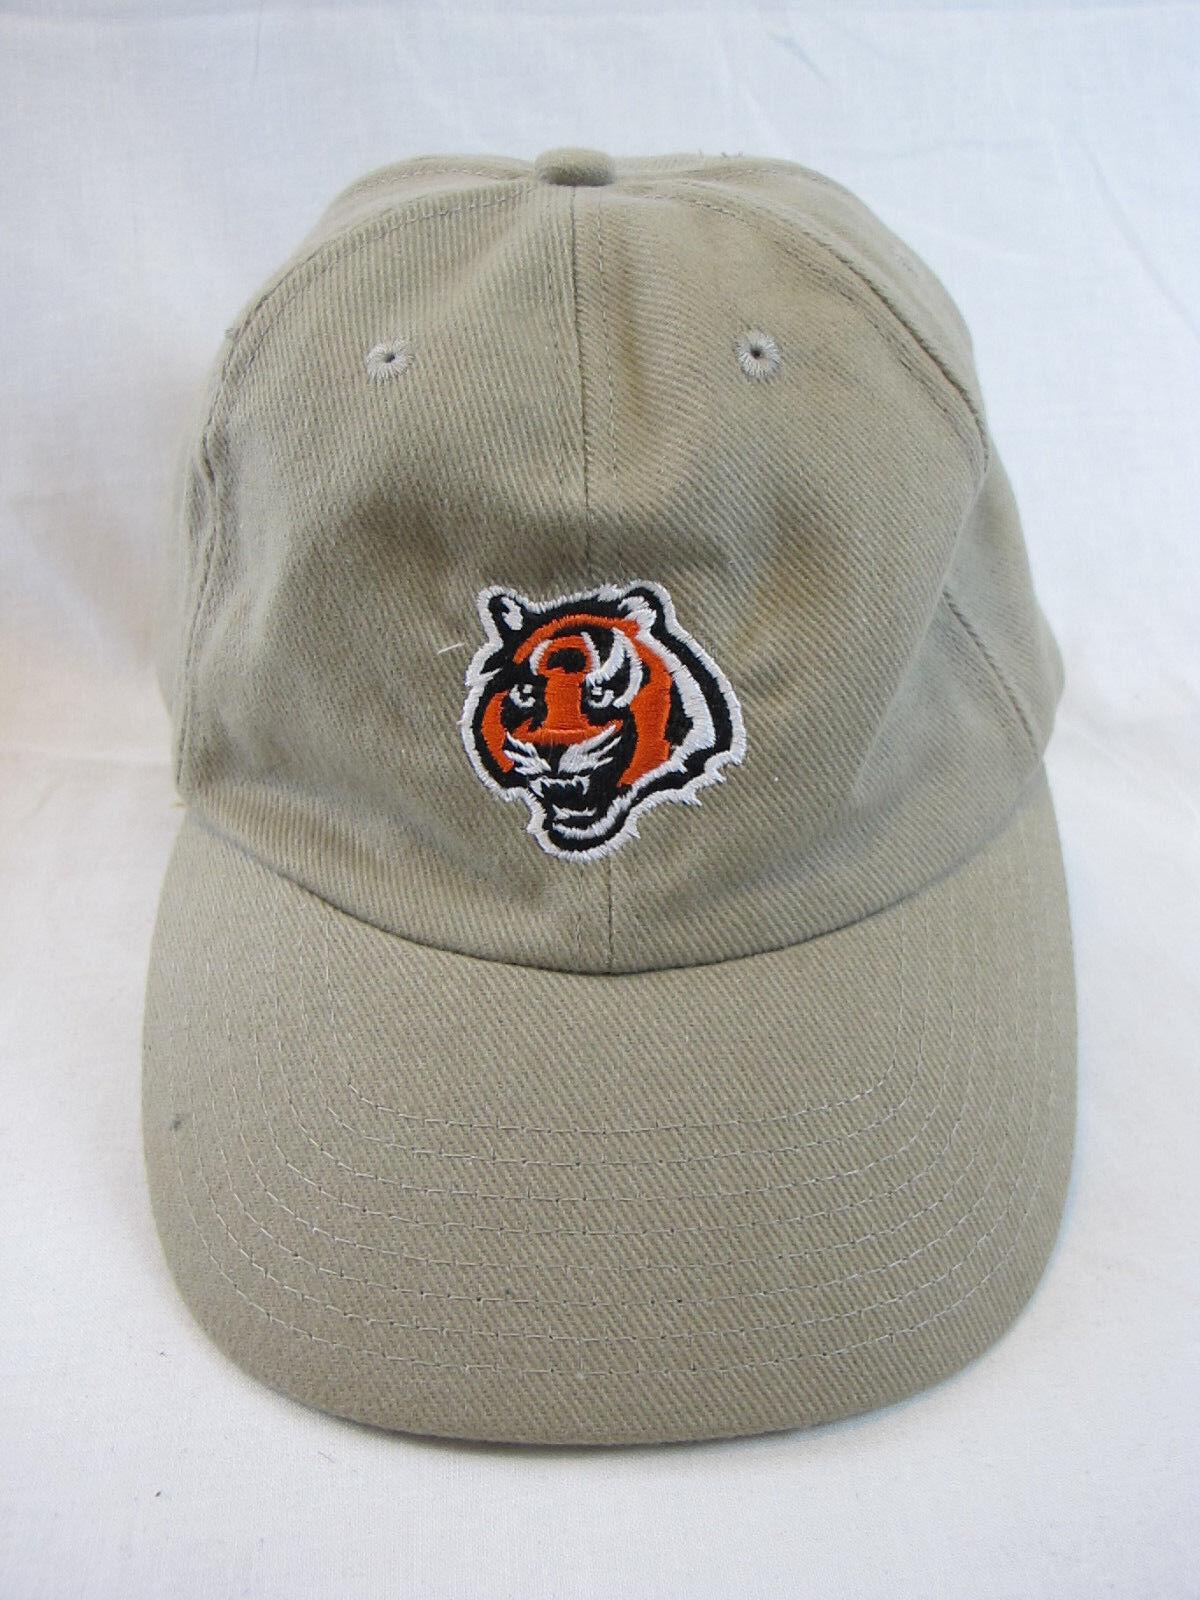 Vintage Cincinnati Bengals NFL  Team Apparel Strapback Cap Hat  NFL 90's fee6a4